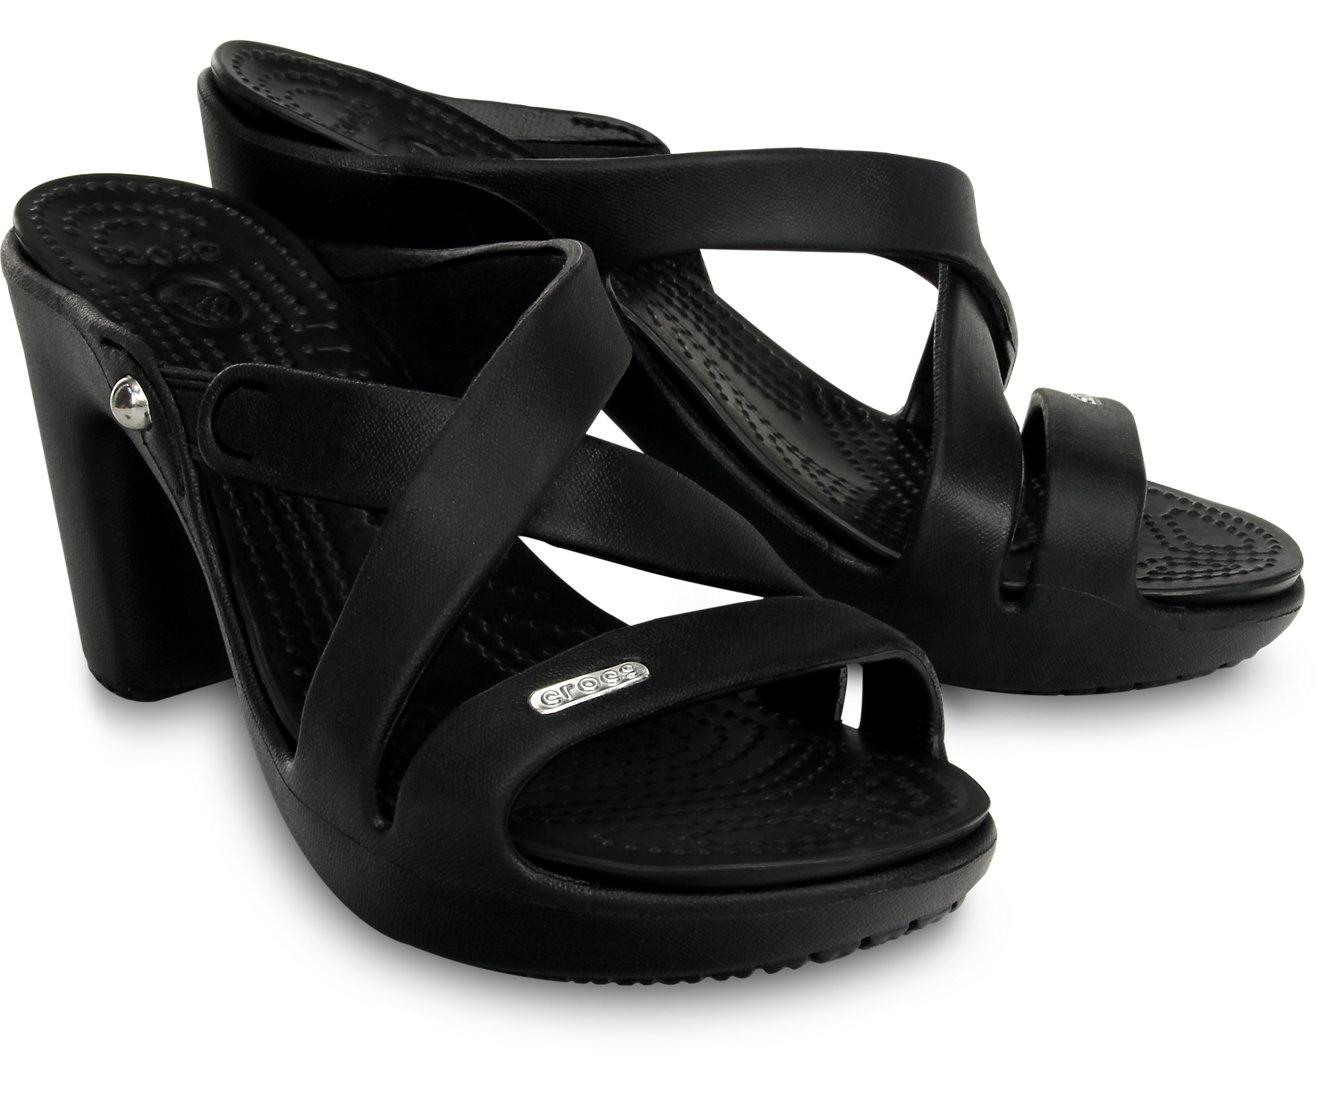 Crocs Women's Cyprus IV Heel